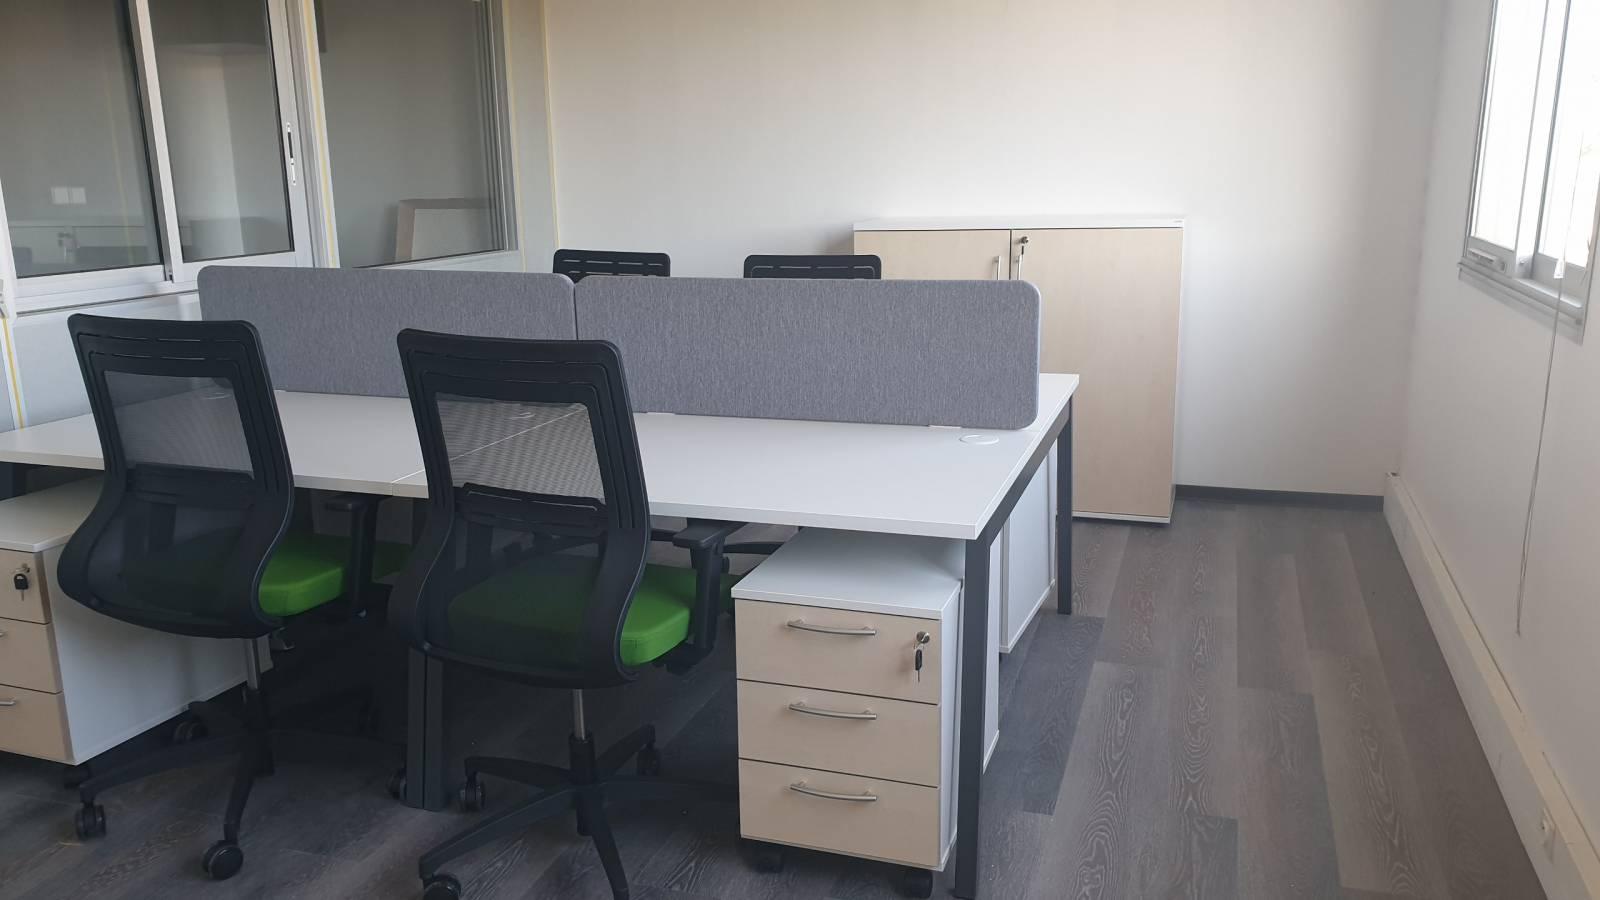 Bureaux multipostes 4 personnes avec écran de séparation acoustiques , mobilier de bureau professionnel sur Aubagne